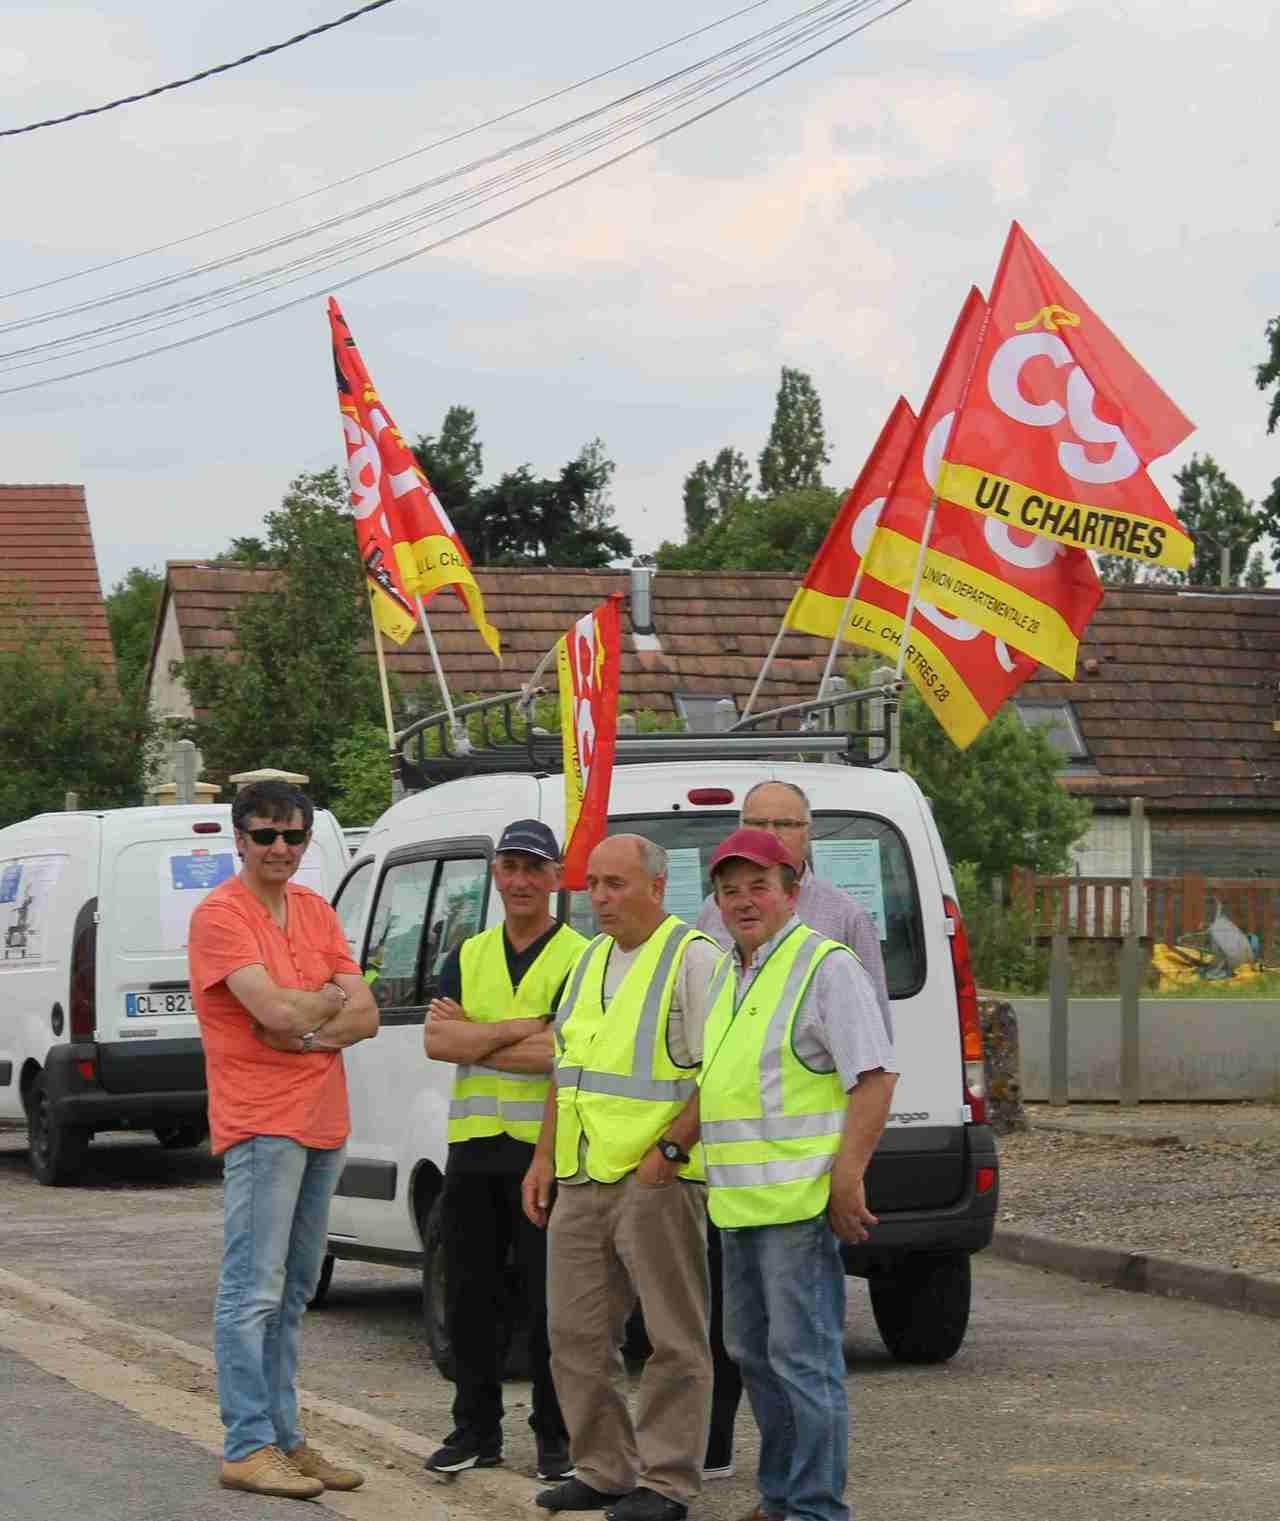 Près de 200 militants bloquent la RN154 entre Chartres et Dreux